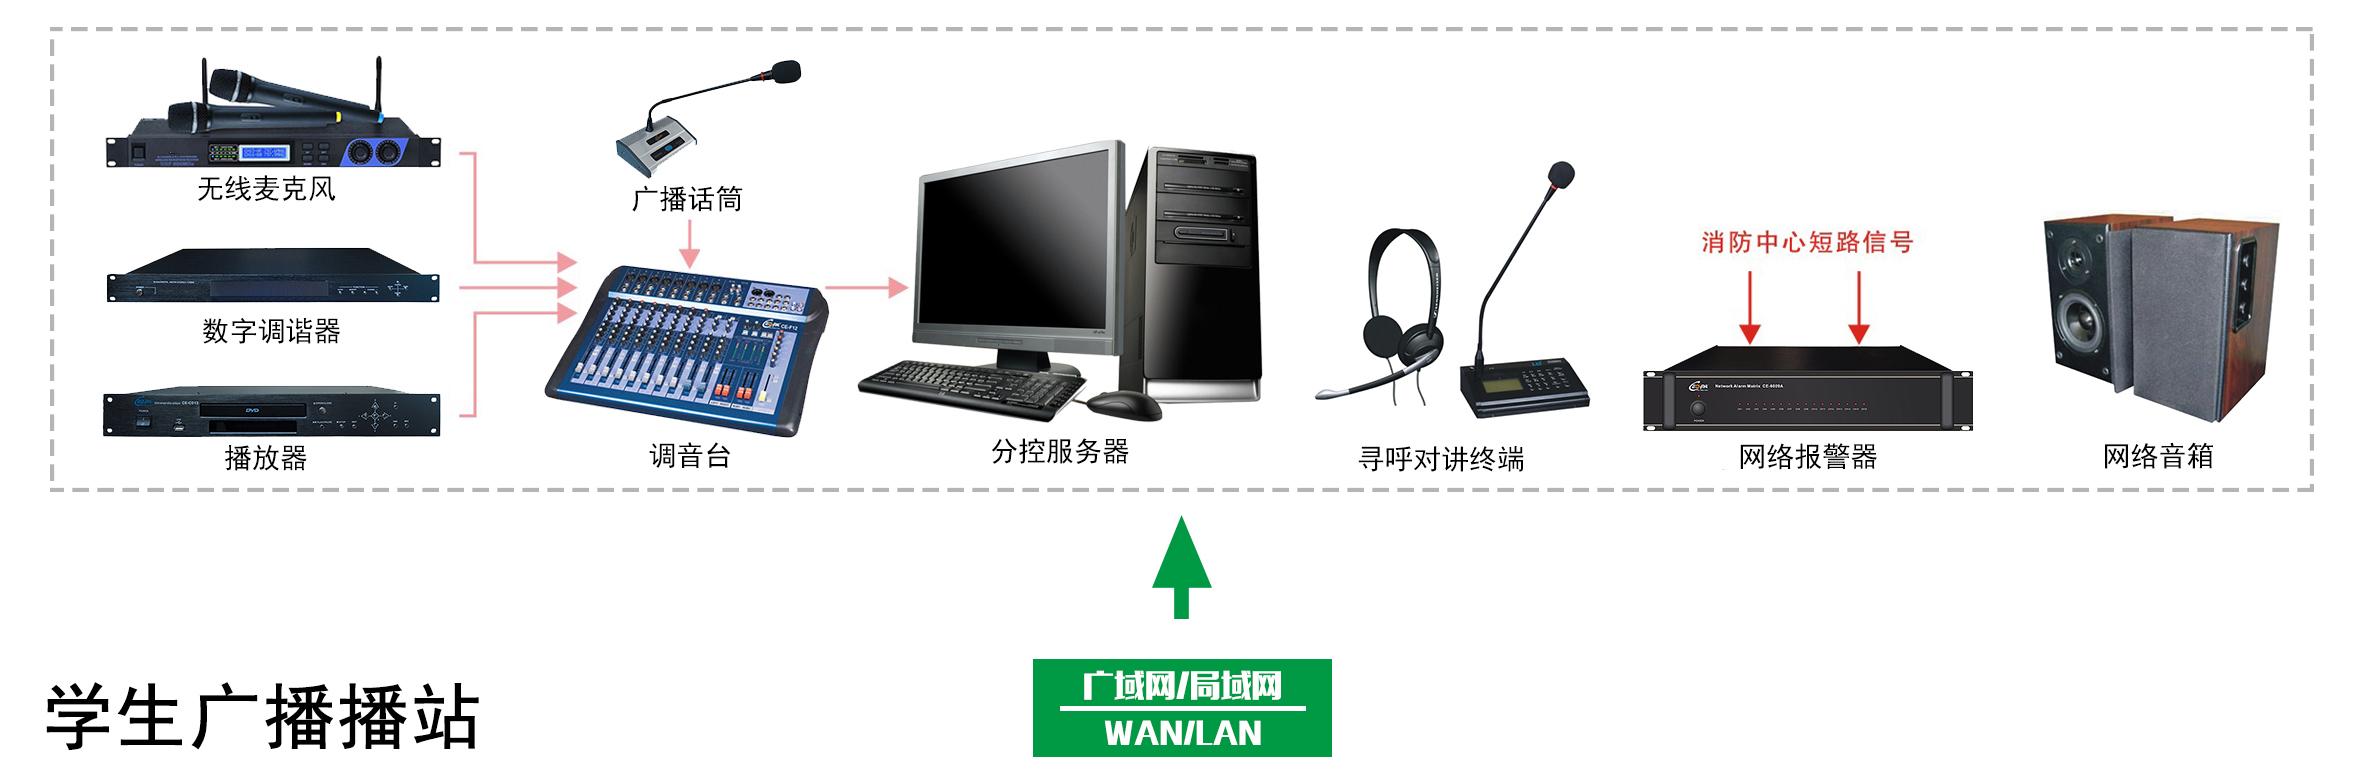 智慧校园广播总控系统